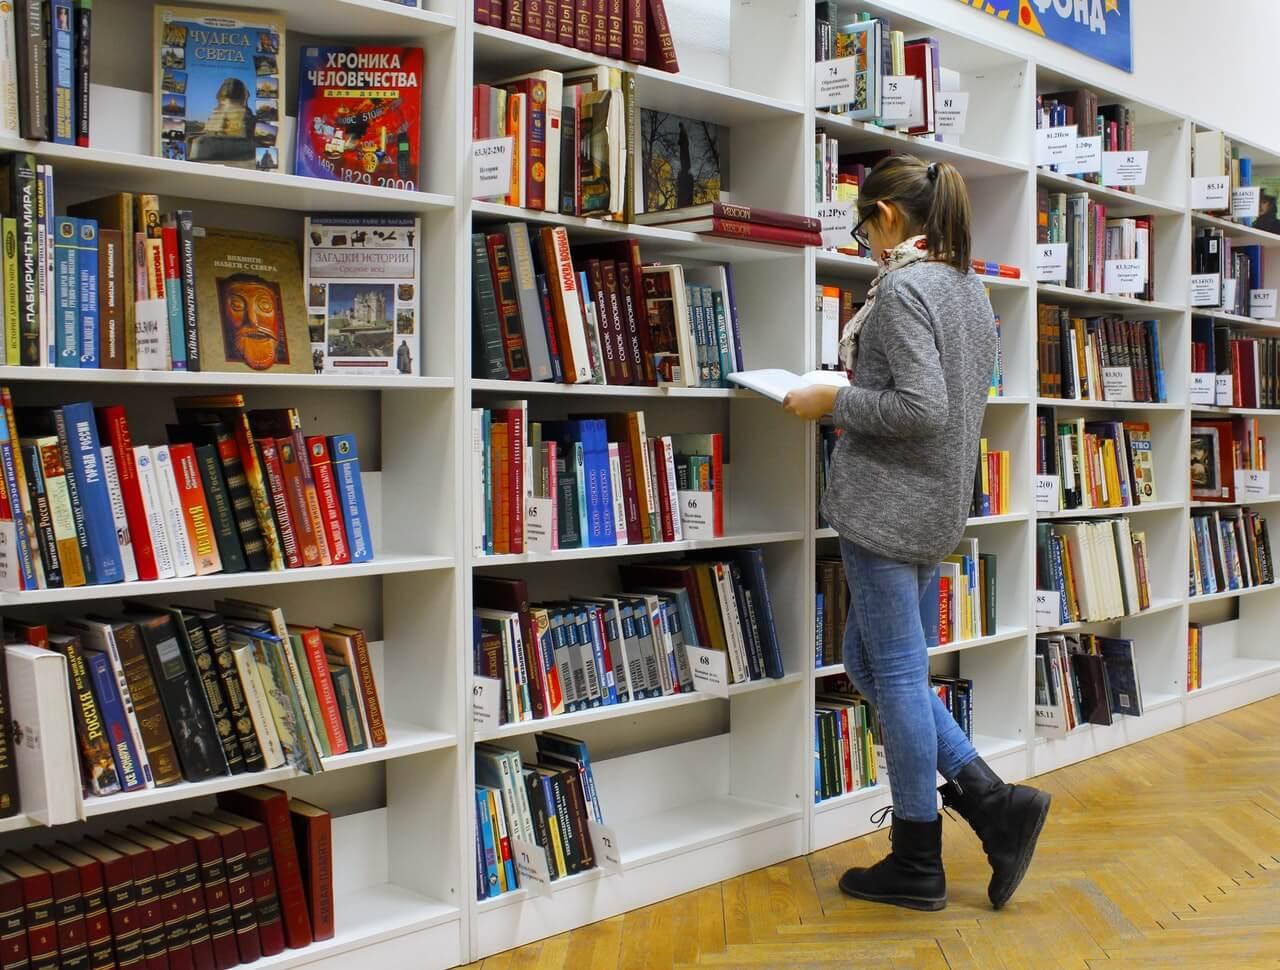 Boekenwinkel in Mechelen